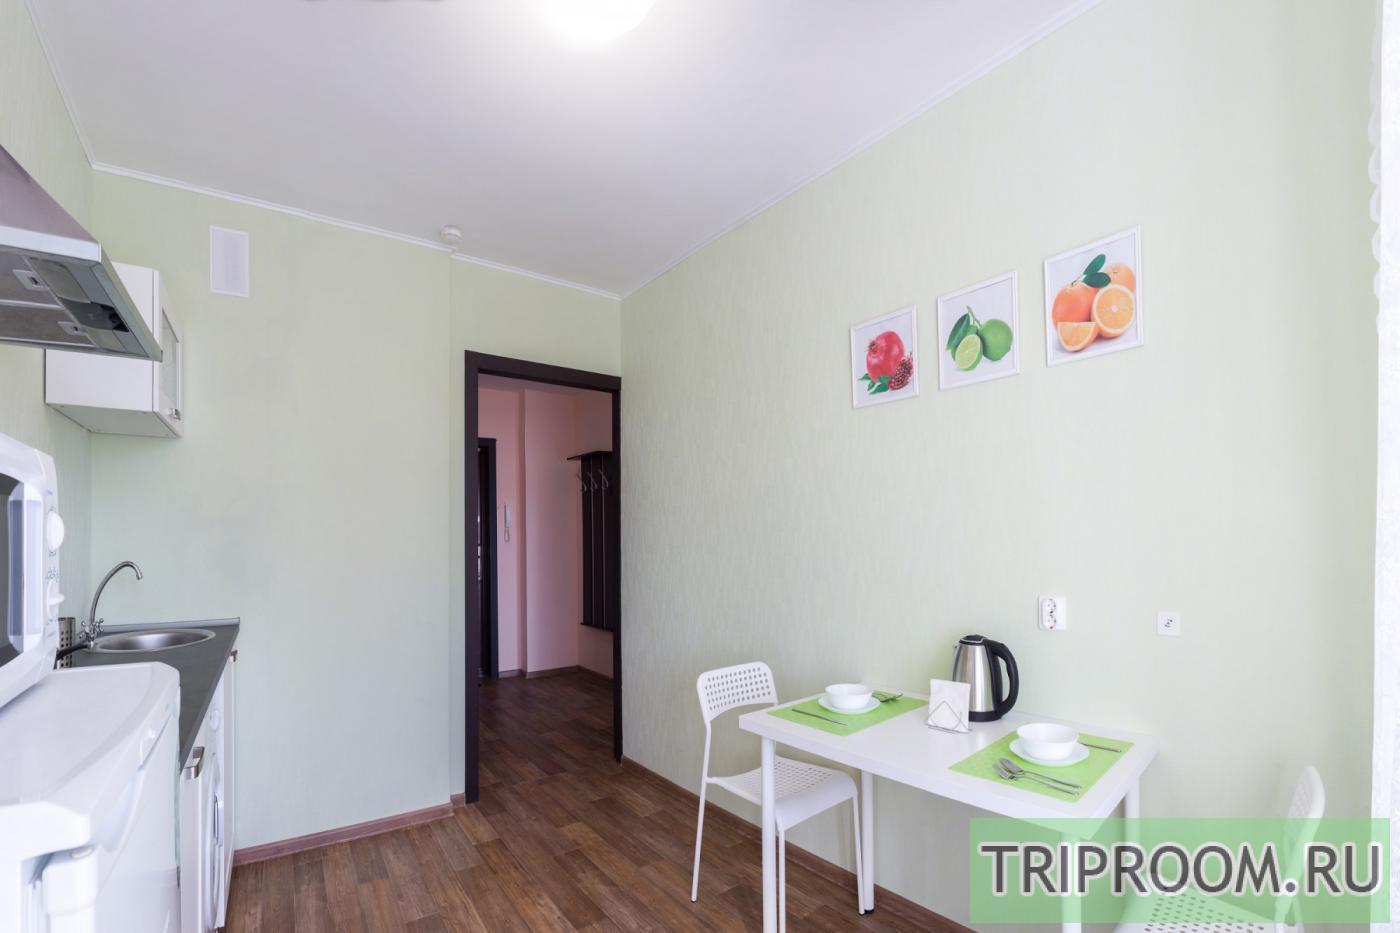 1-комнатная квартира посуточно (вариант № 33104), ул. Вилонова улица, фото № 6